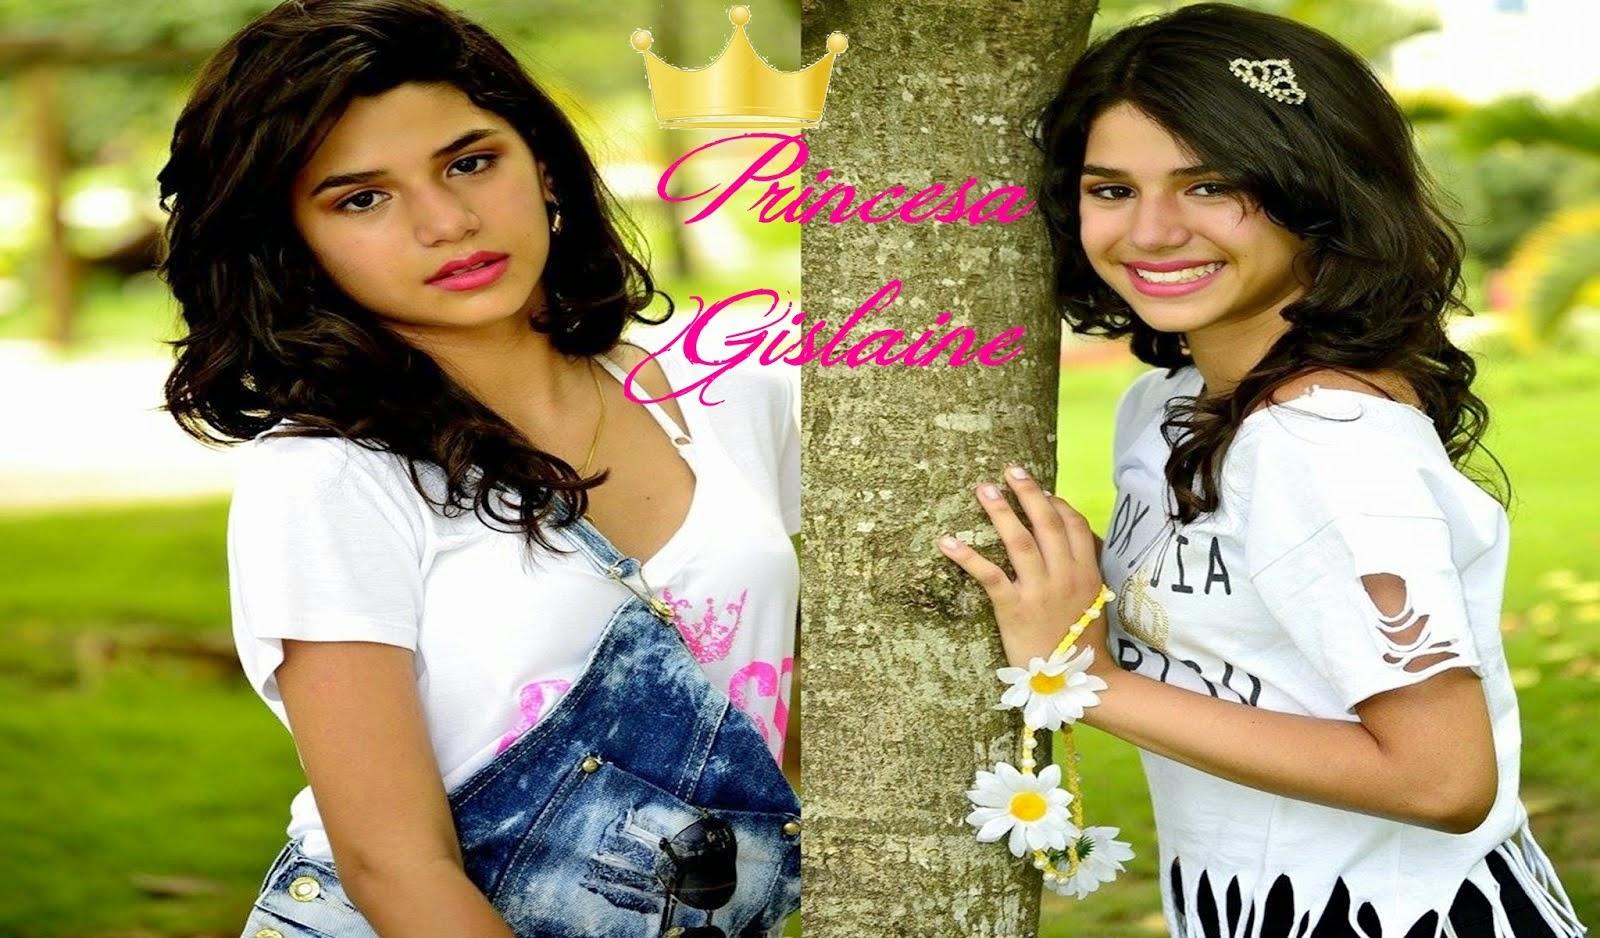 Princesa Gislaine